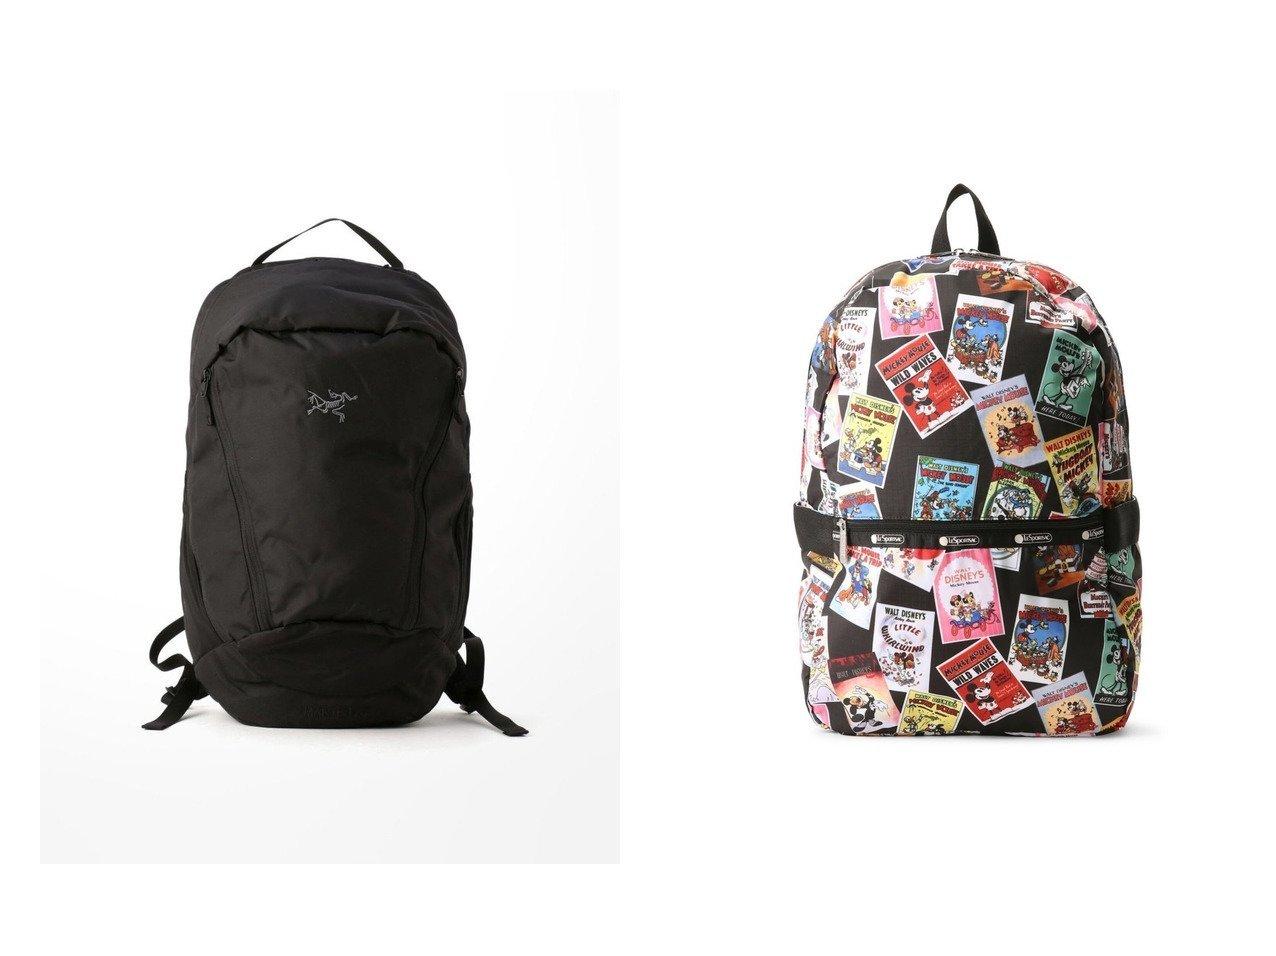 【LeSportsac/レスポートサック】の(レスポートサック)バックパック リュック 3504U047&【Bshop/ビショップ】の【ARC TERYX】MANTIS 26L BACKPACK 【バッグ・鞄】おすすめ!人気、トレンド・レディースファッションの通販 おすすめで人気の流行・トレンド、ファッションの通販商品 メンズファッション・キッズファッション・インテリア・家具・レディースファッション・服の通販 founy(ファニー) https://founy.com/ ファッション Fashion レディースファッション WOMEN バッグ Bag スタイリッシュ フレーム ポケット リュック 人気 アメリカン クラシカル クラシック コレクション ショート プリント メッシュ ヴィンテージ  ID:crp329100000033047